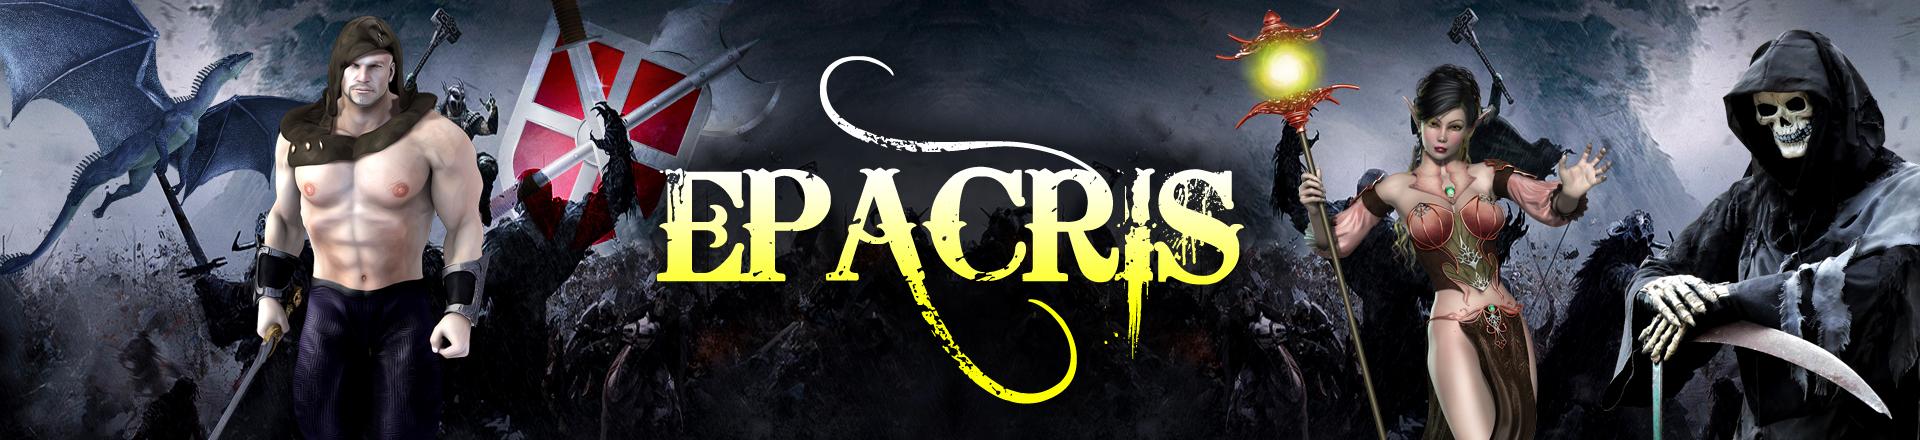 Das Epacris